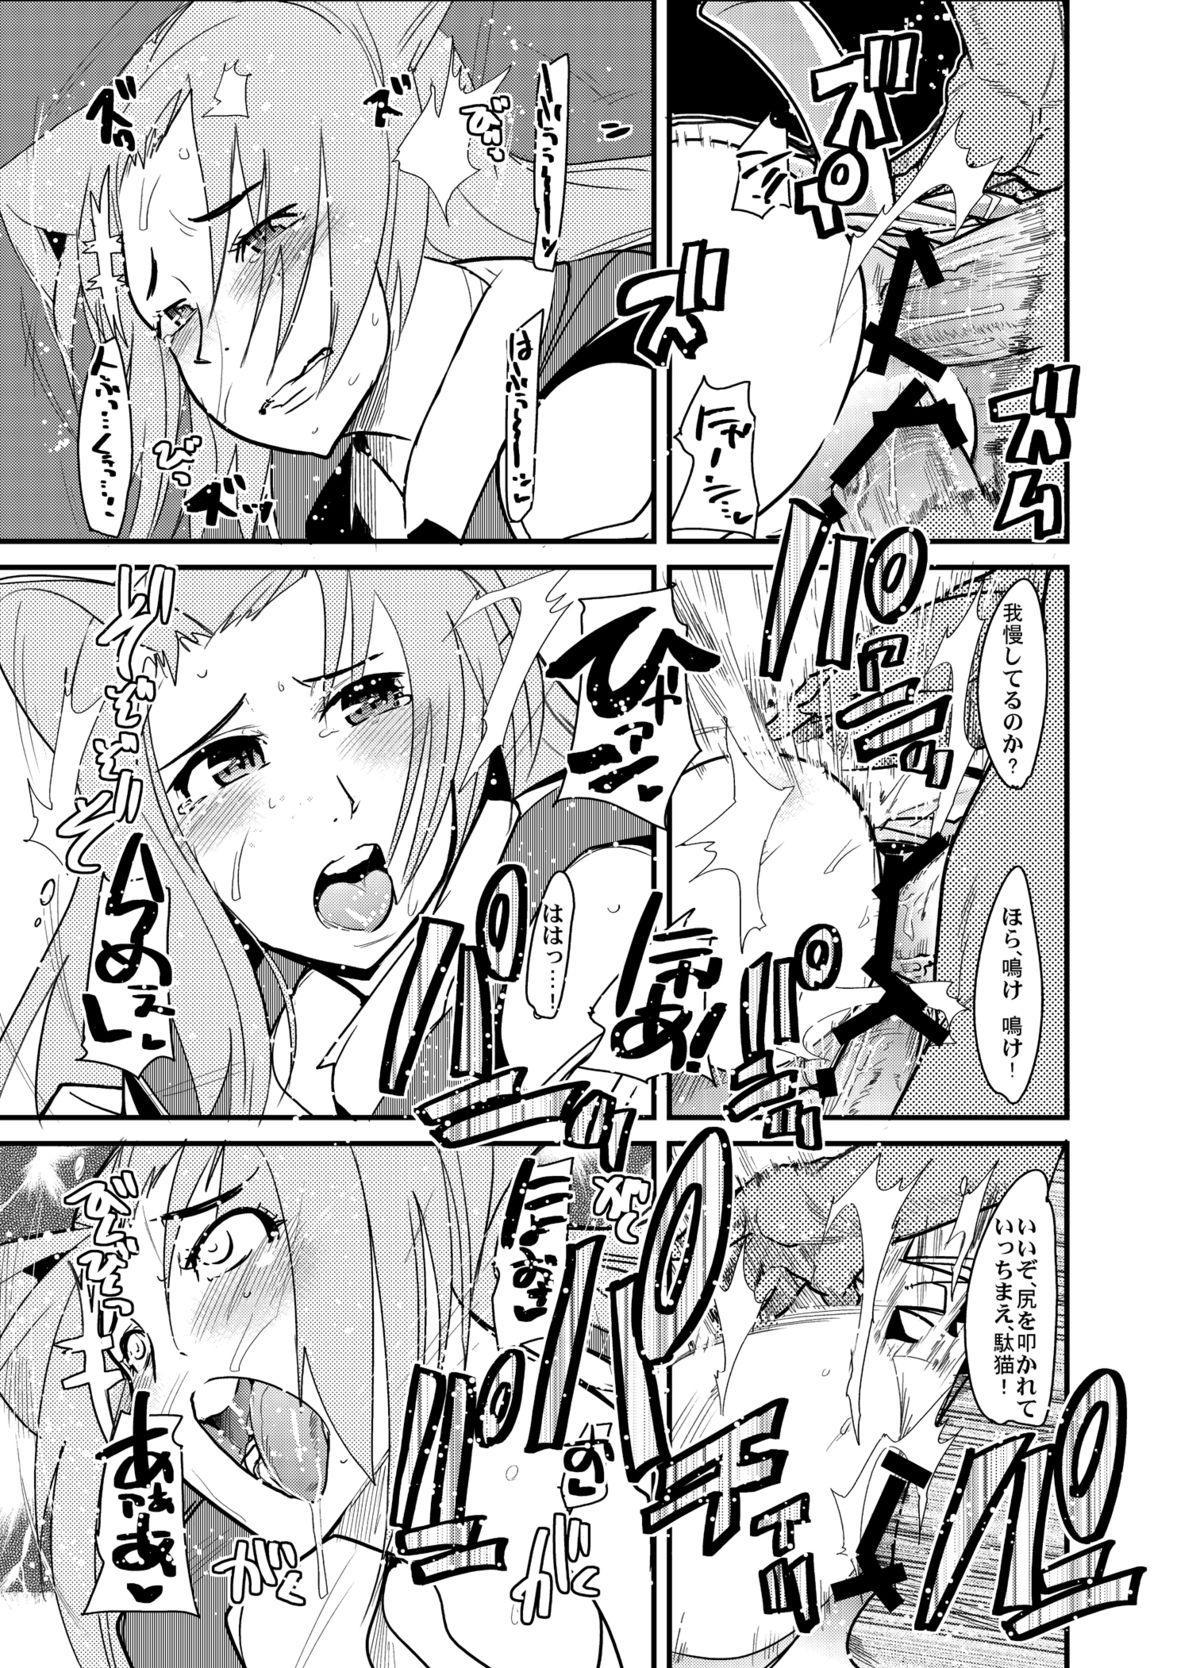 Boku no Watashi no Mugen no Super Bobobbo Taisen Frontier 45